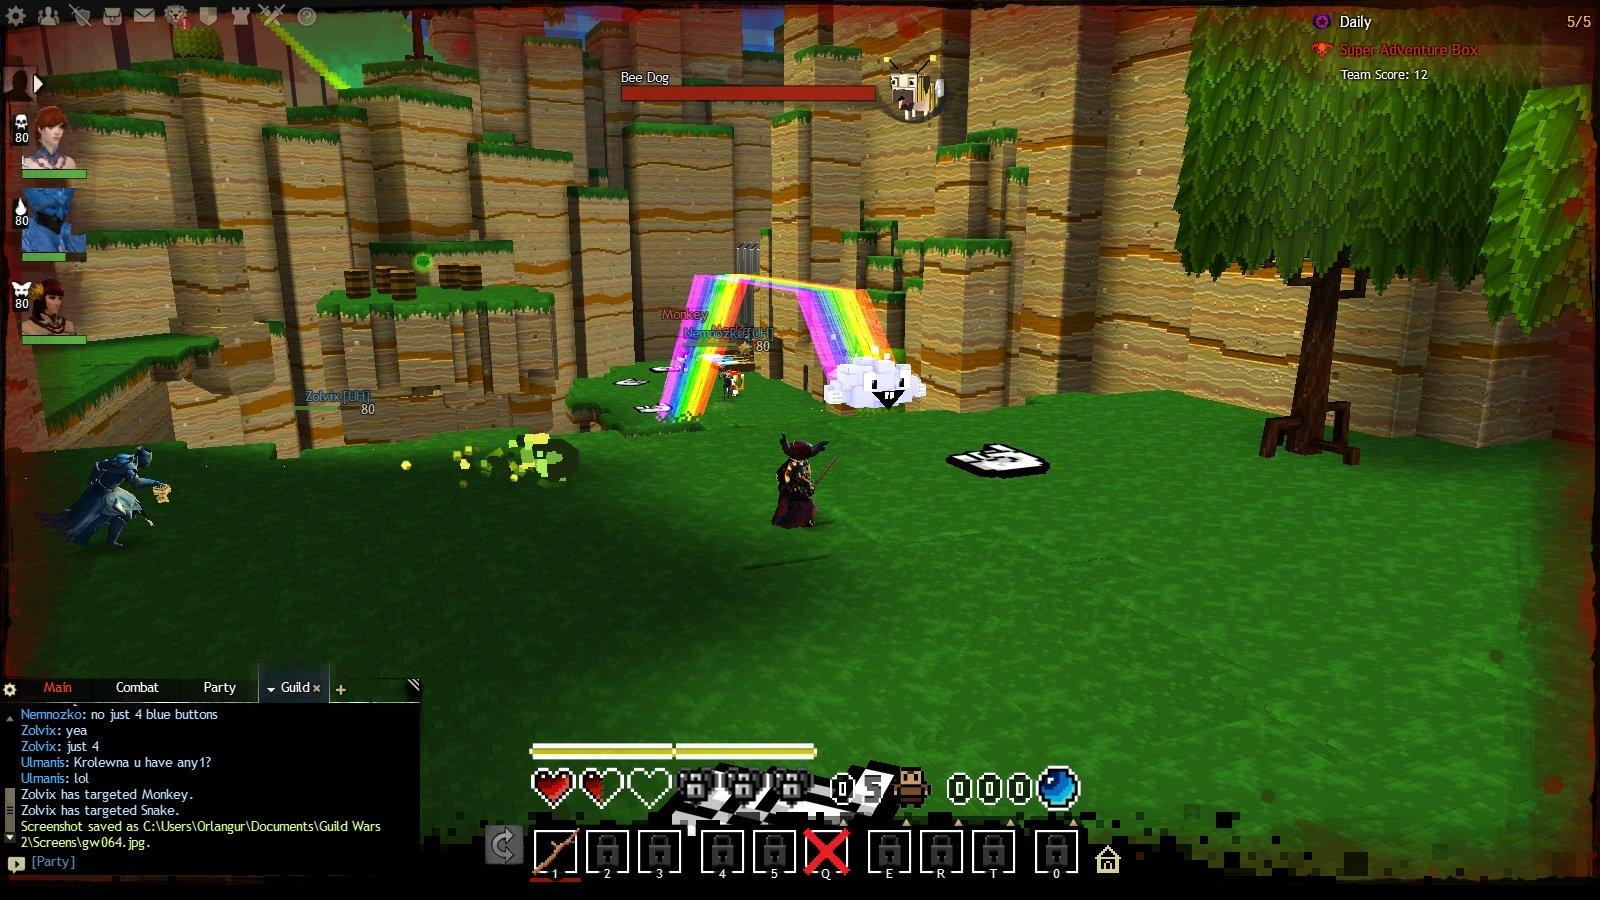 Первое апреля в Guild Wars 2. Там еще восьмибитная музыка играет на фоне <3. - Изображение 2